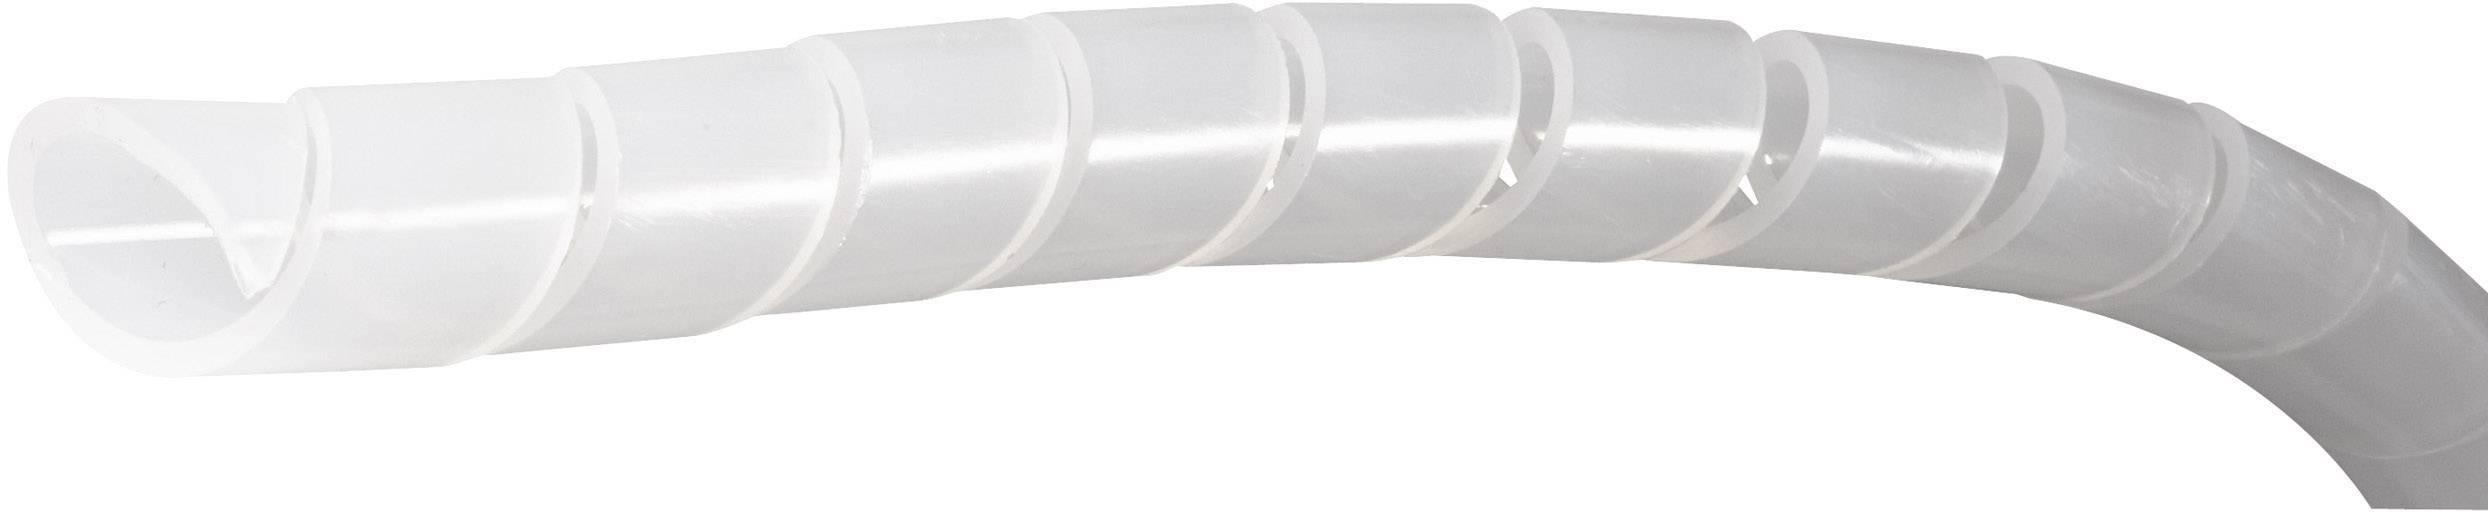 Spirálová objímka PB Fastener SB 100 E, 13 - 70 mm, přírodní